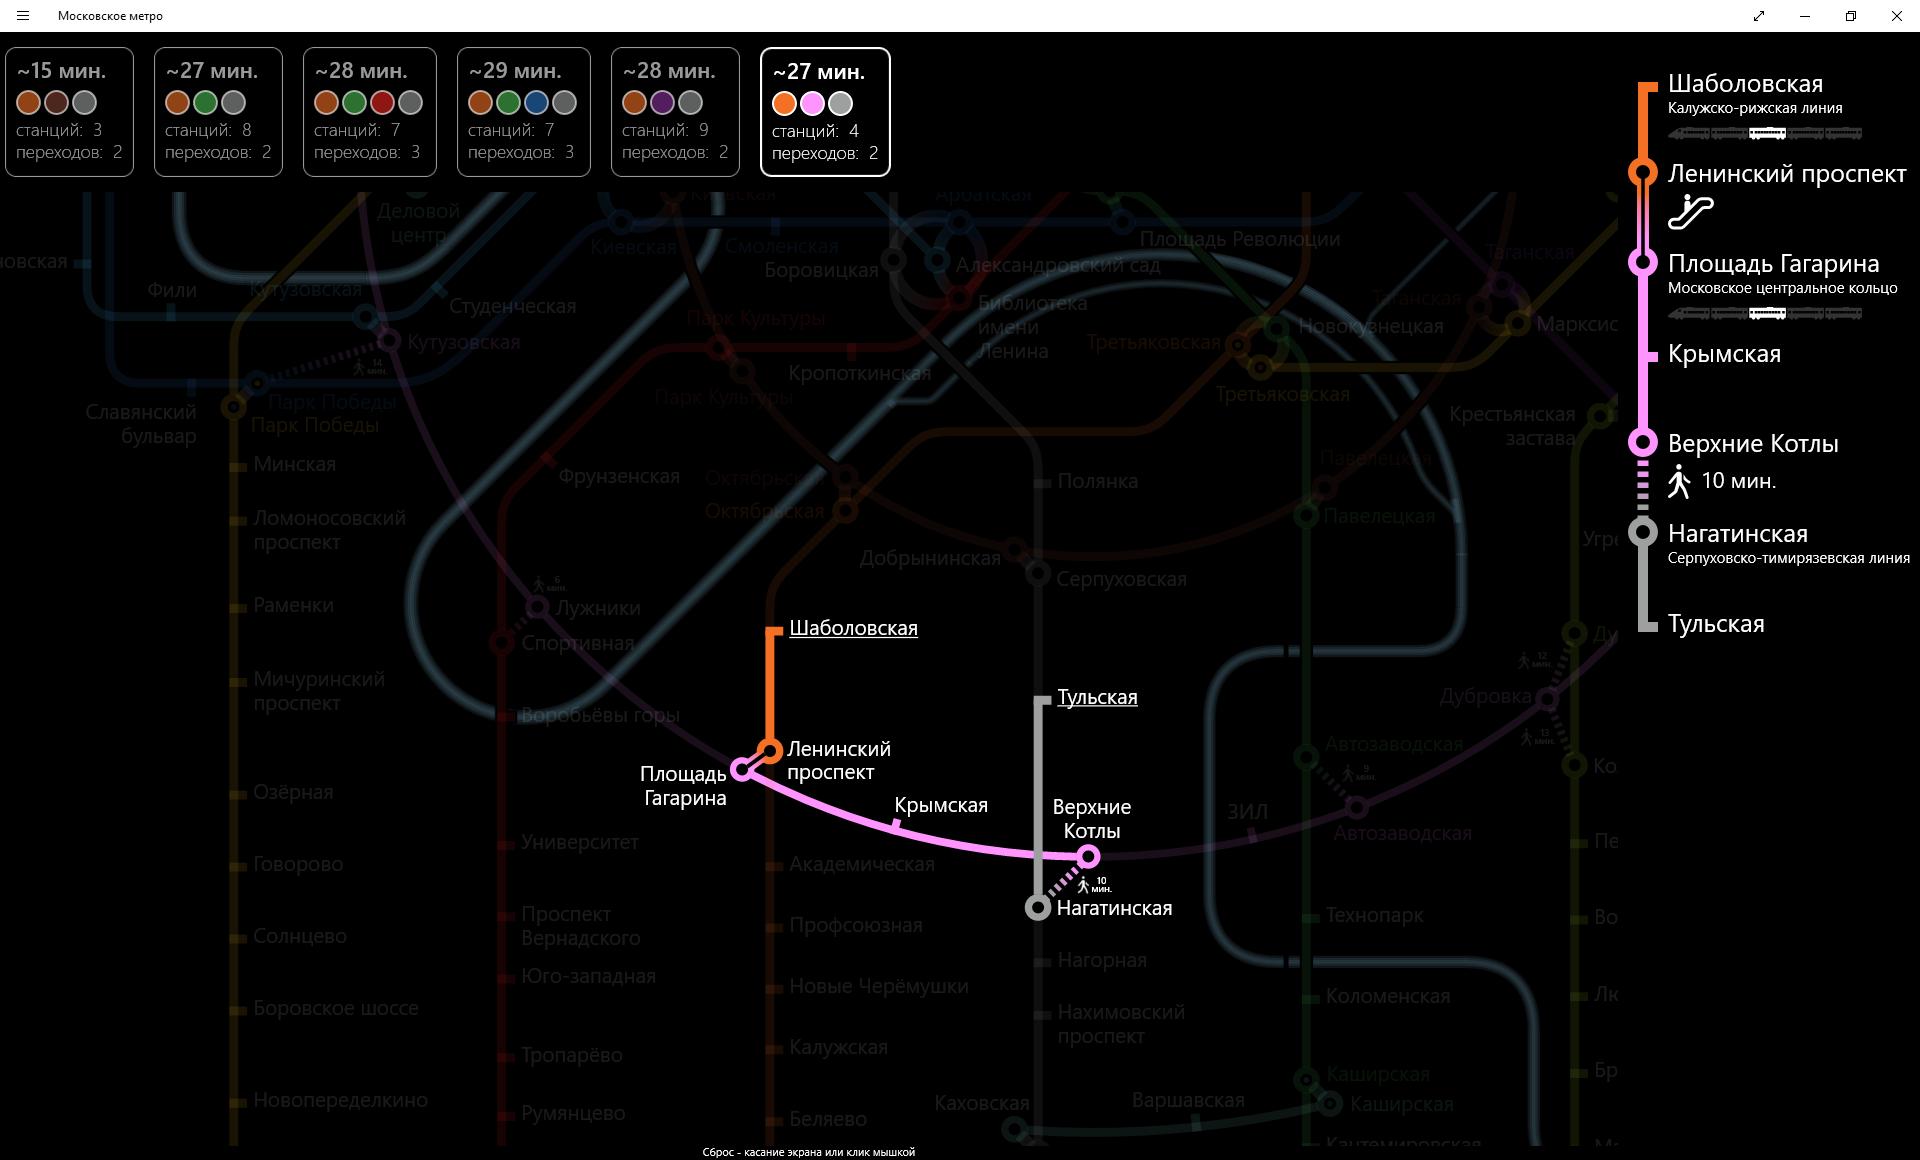 Приложение Московское метро для Windows Store - 10